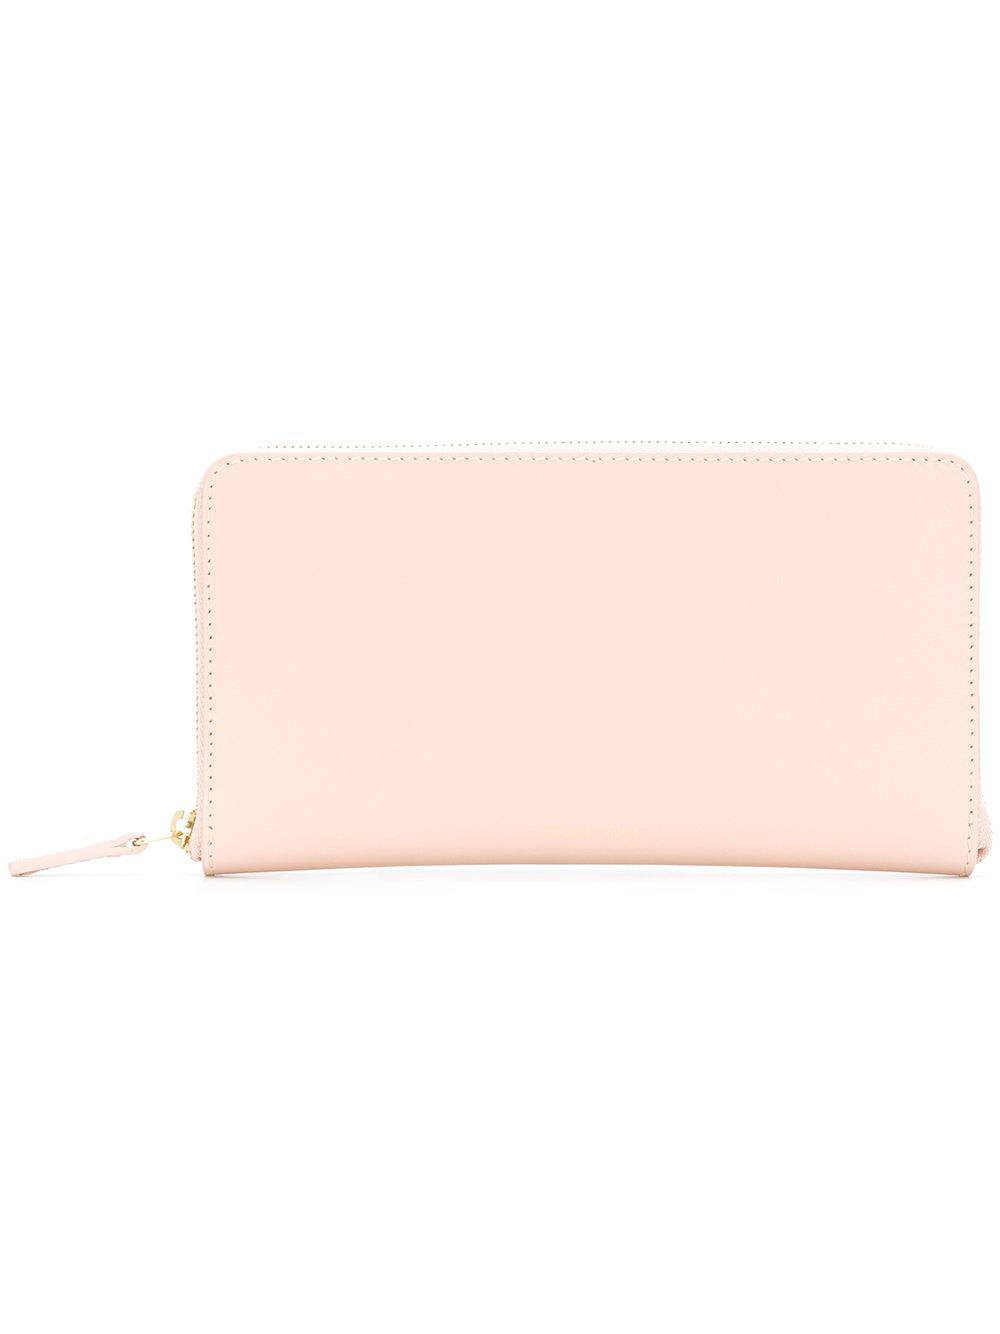 Zip-around leather wallet Mansur Gavriel 3fkEH0O